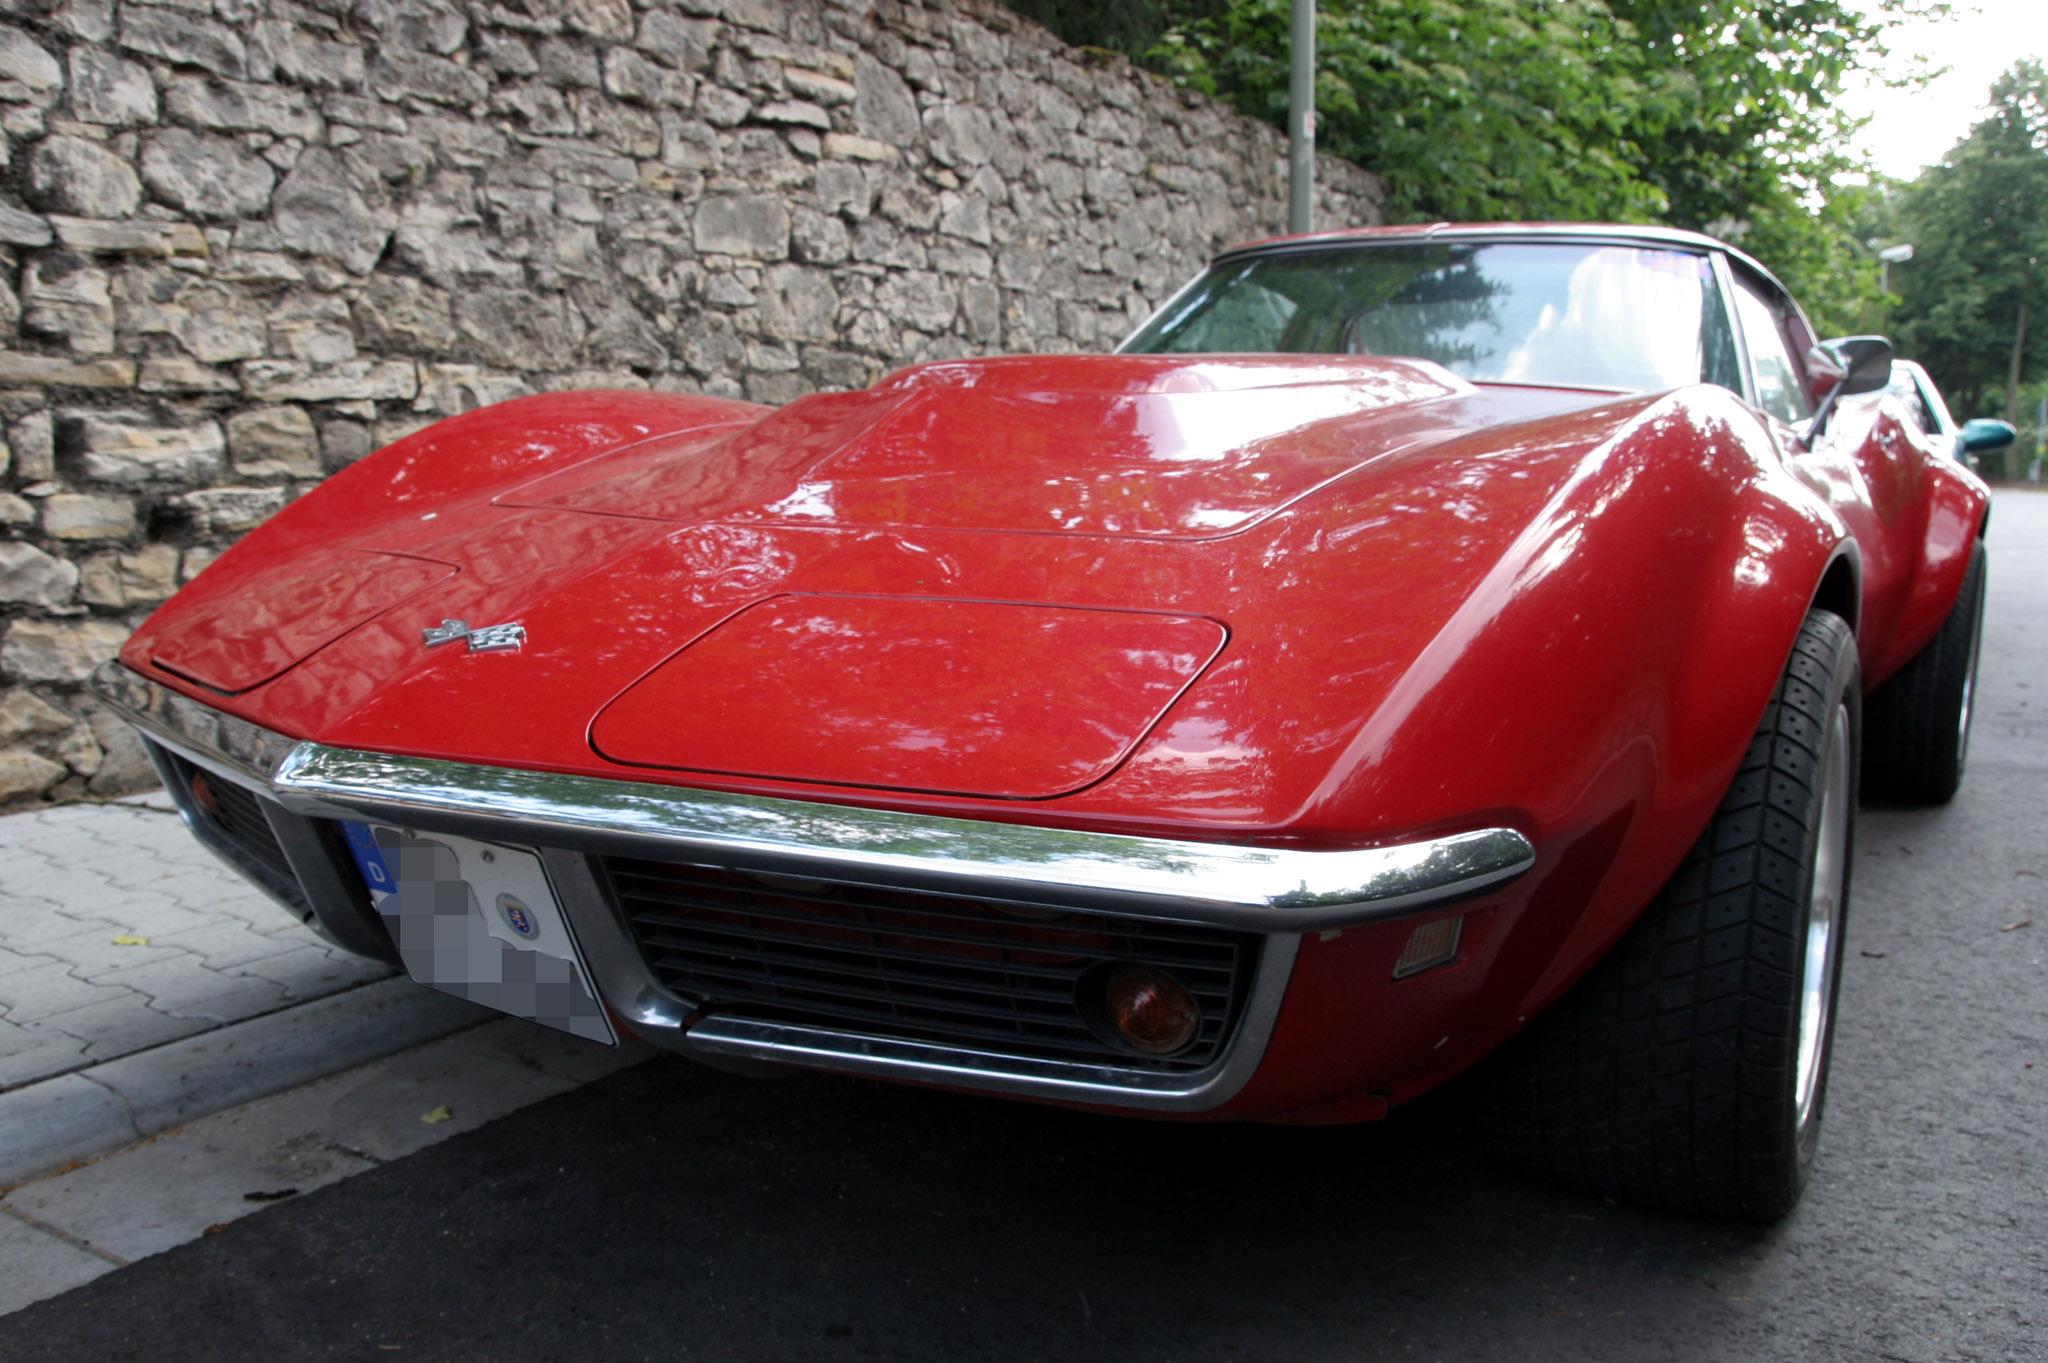 File:Chevrolet Corvette C3 02.jpg - Wikimedia Commons: commons.wikimedia.org/wiki/file:chevrolet_corvette_c3_02.jpg